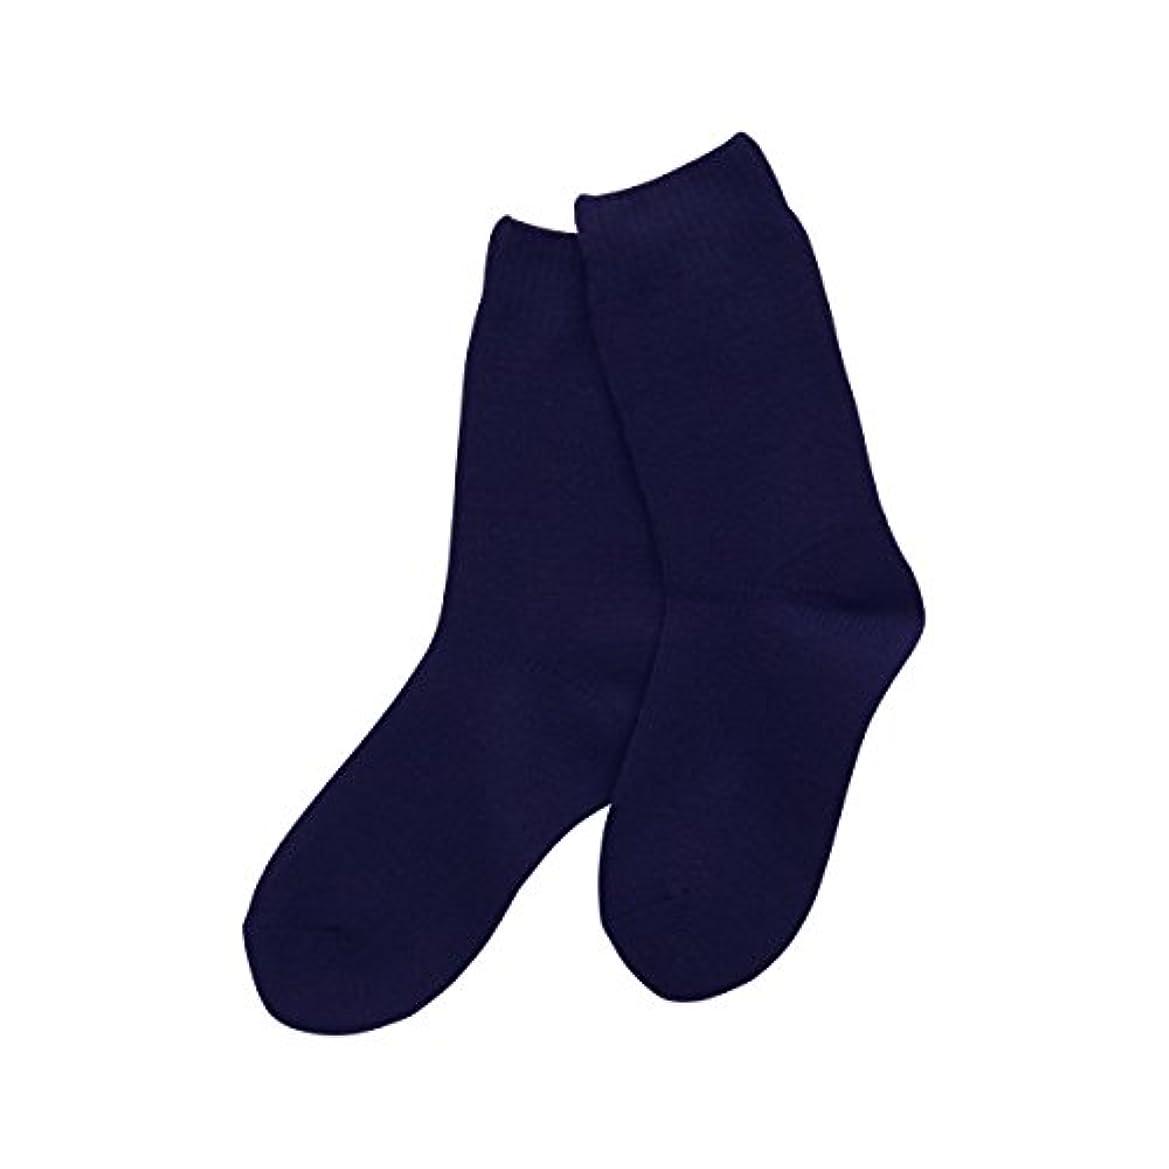 相反するラベルアレルギー(コベス) KOBES ゴムなし 毛混 超ゆったり特大サイズ 靴下 日本製 紳士靴下